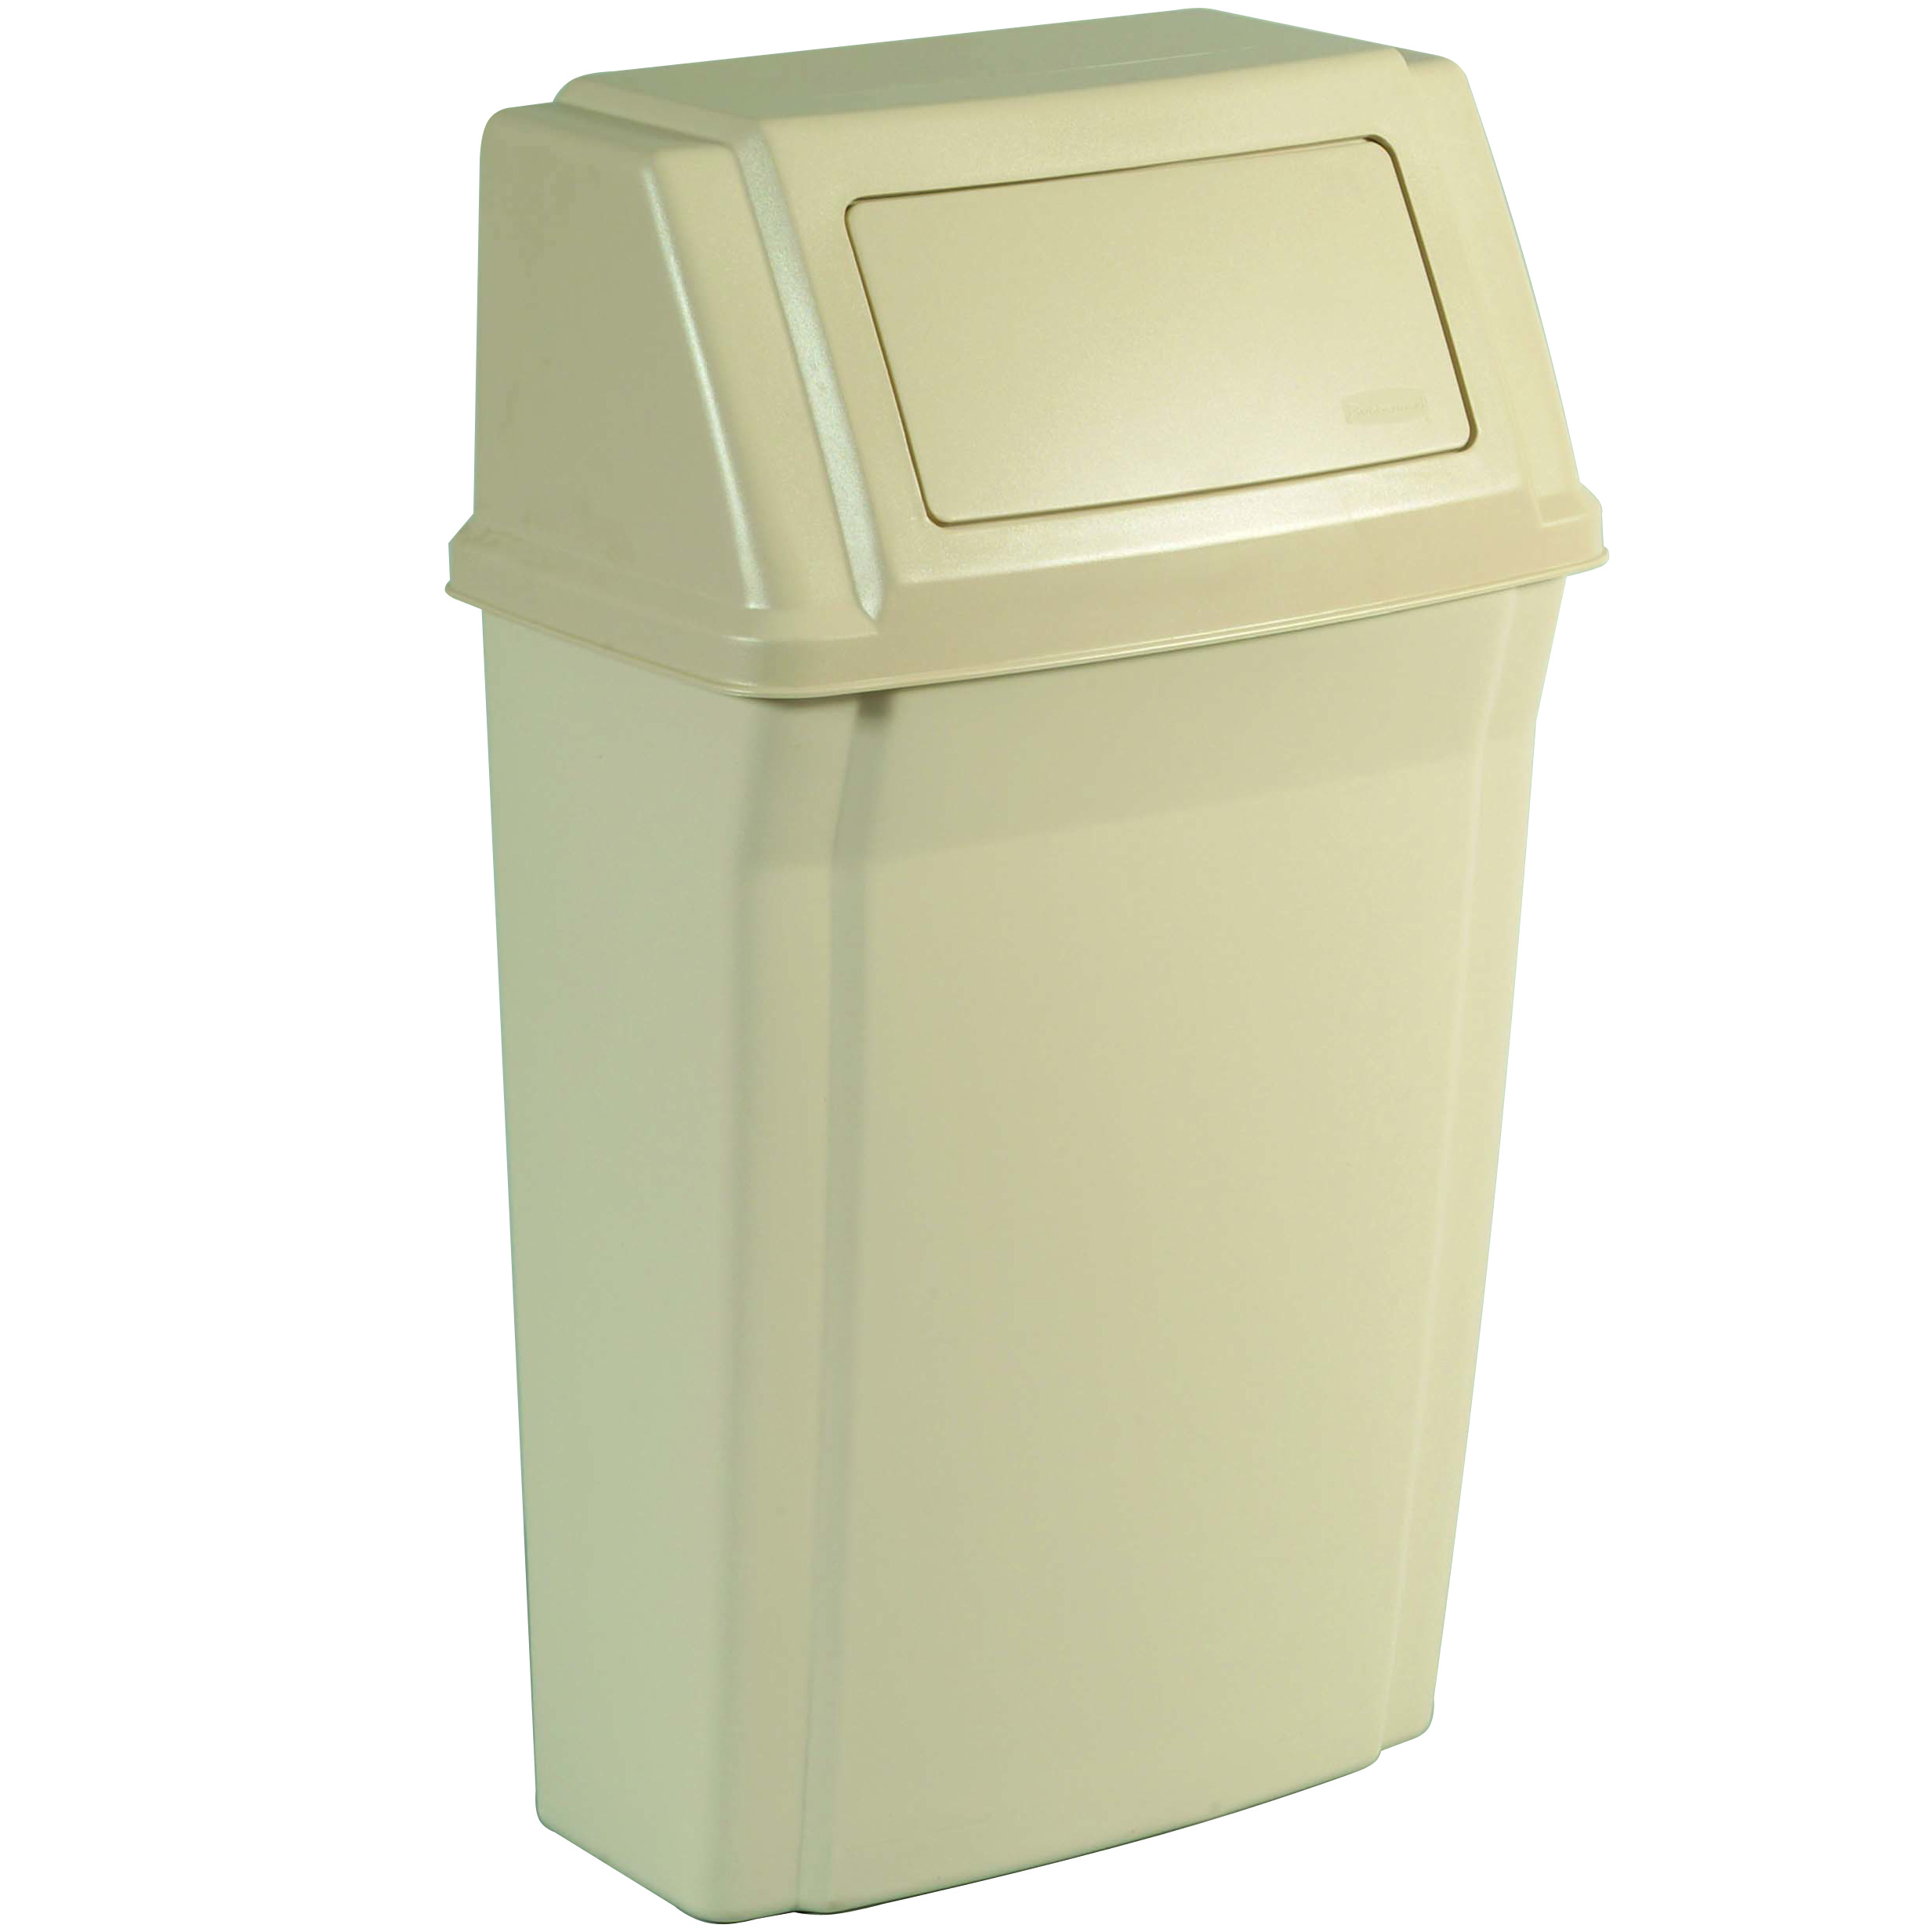 15 Gallon Rubbermaid Slim Jim Wall Mounted Trash